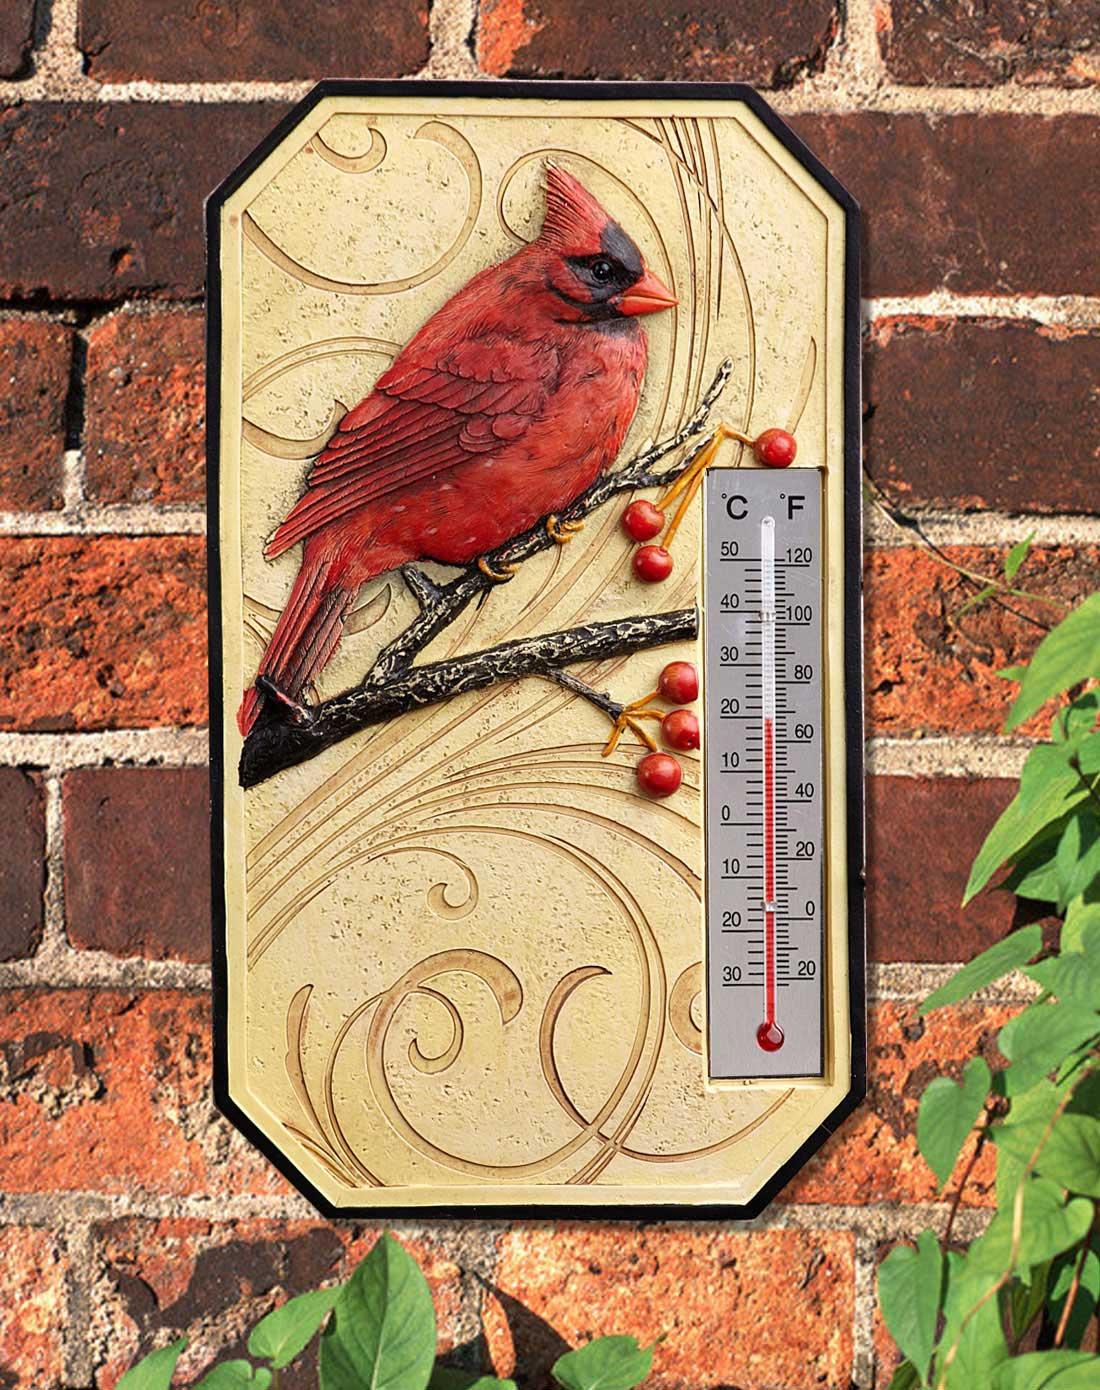 红鸟手绘立体雕刻树脂温度计/墙挂装饰